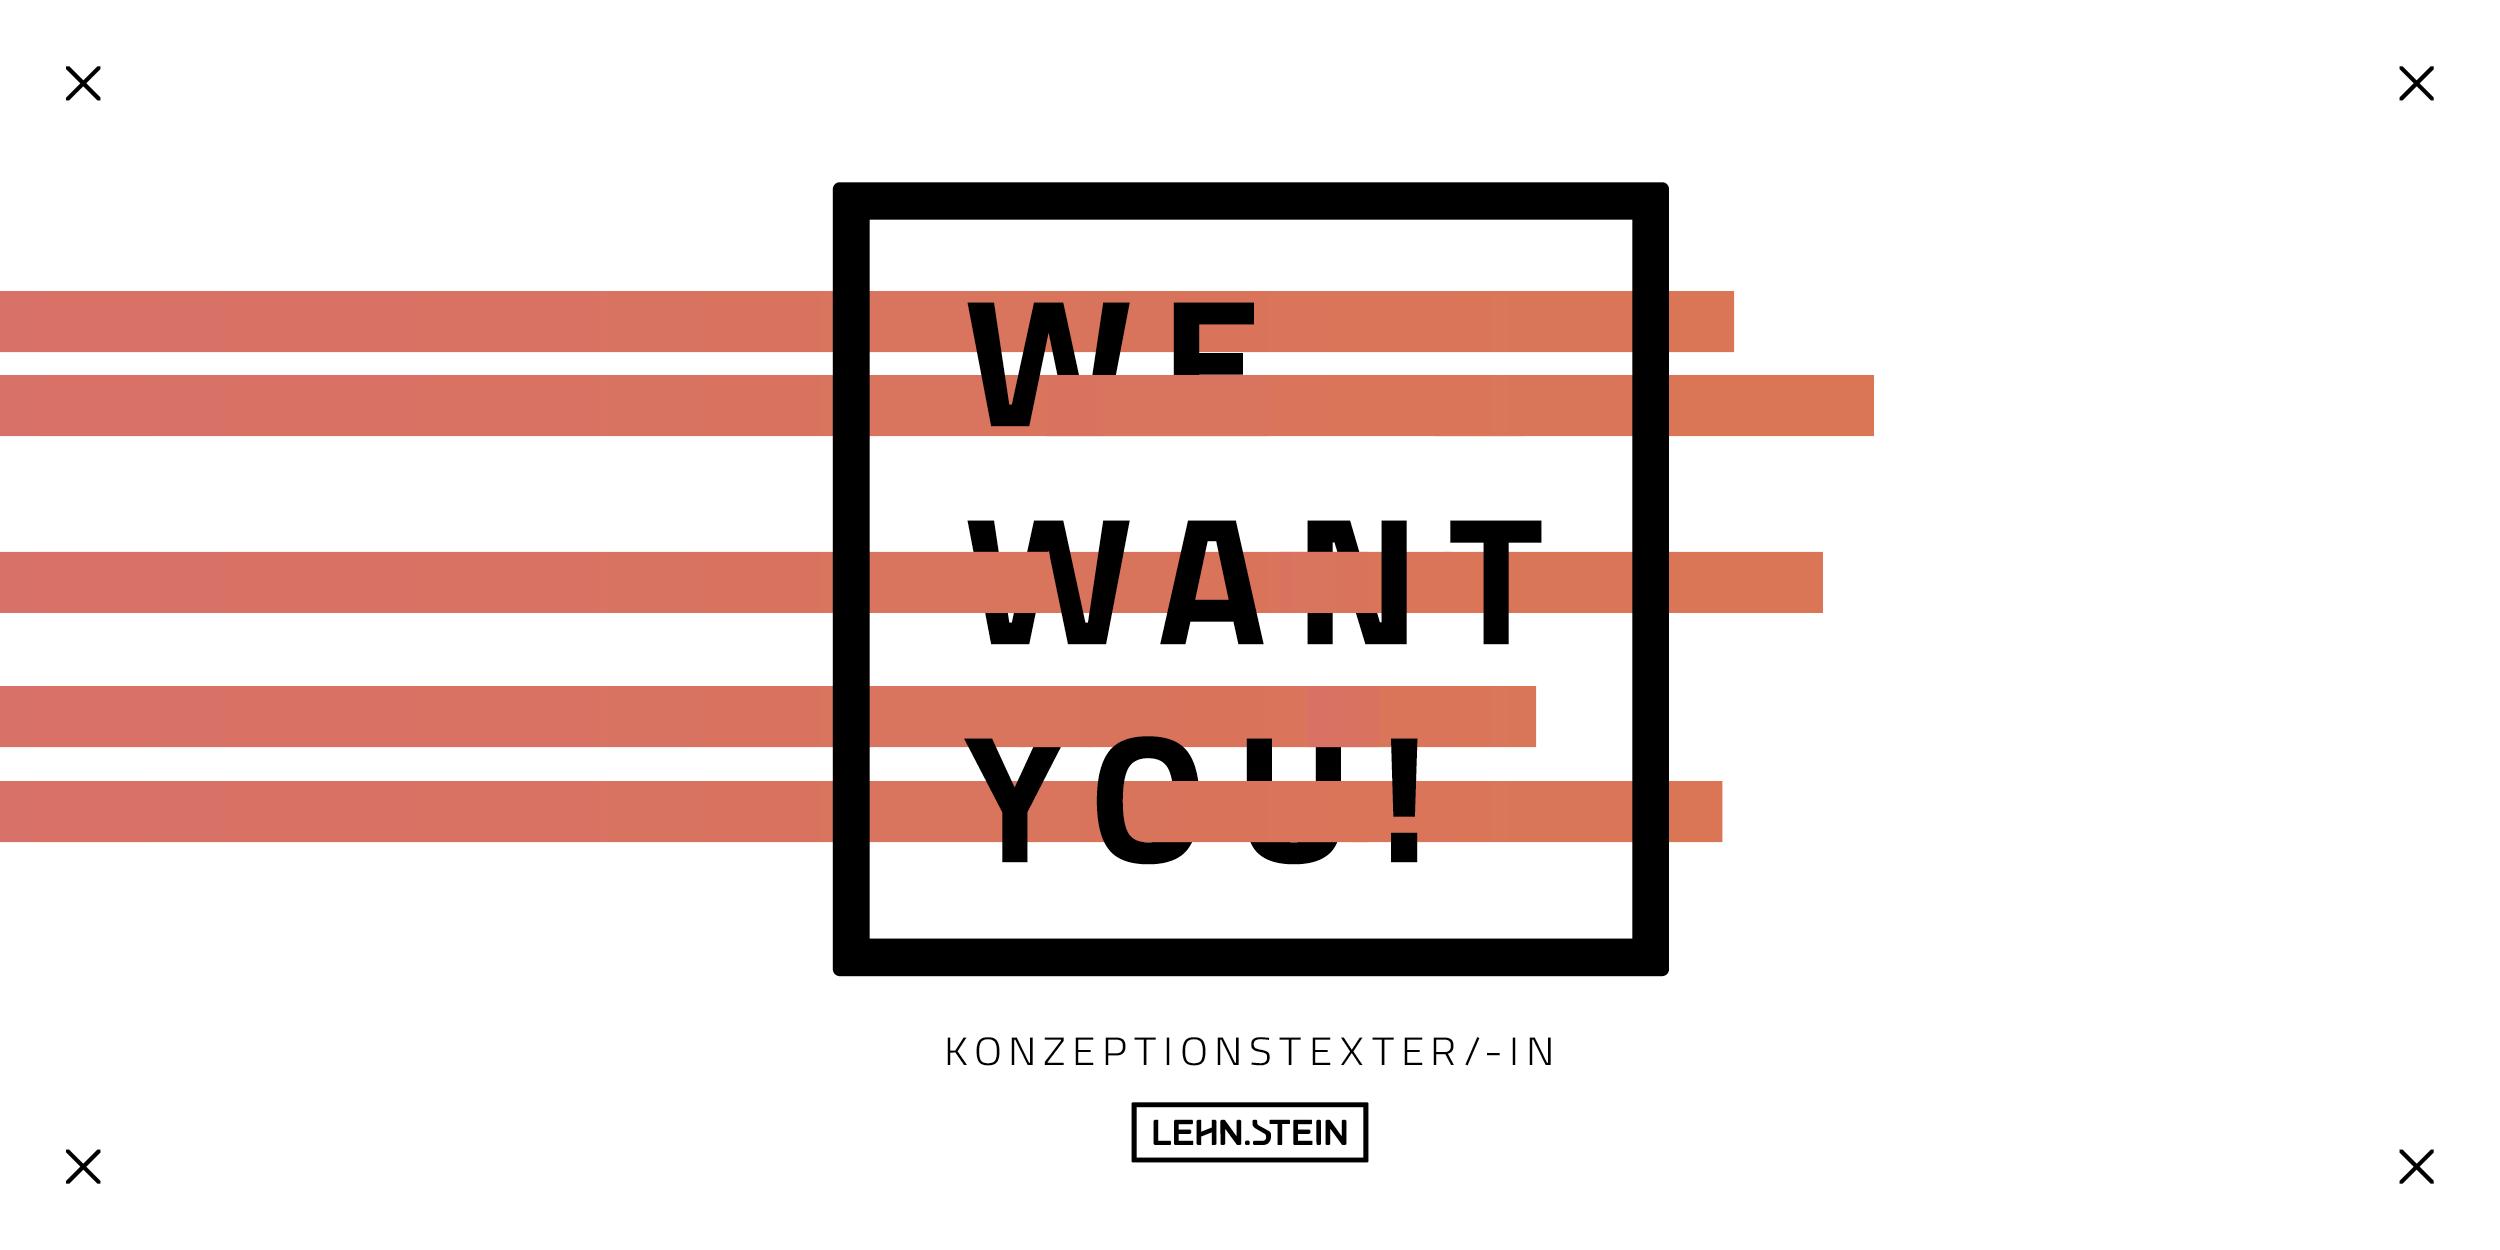 Wir suchen dich als Konzeptionstexter/-in